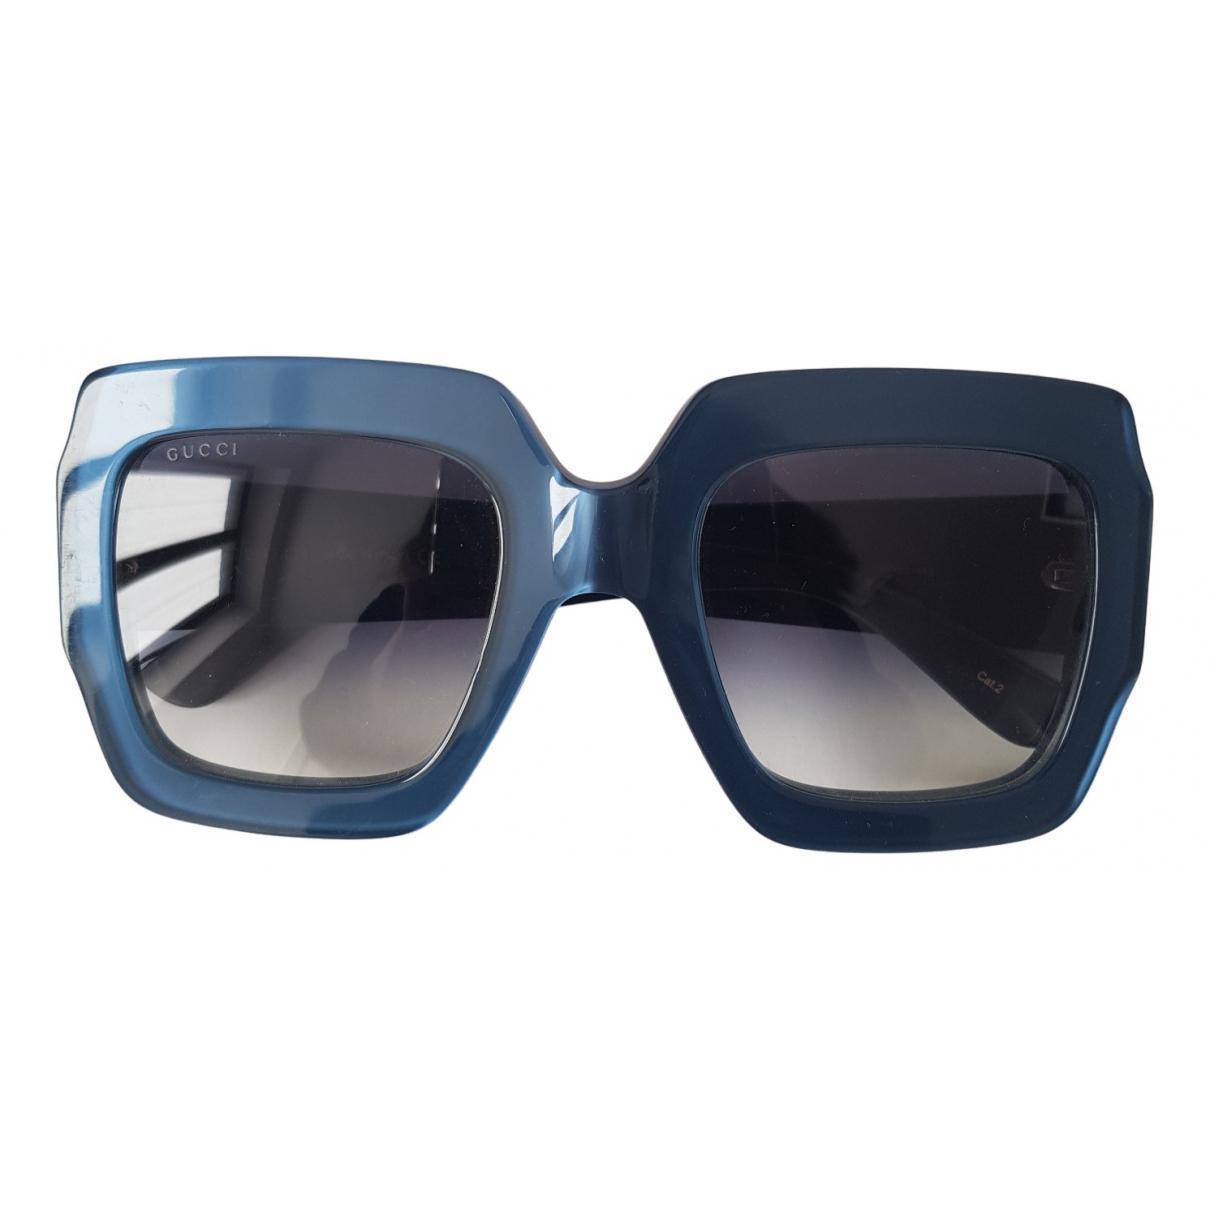 Gucci - Lunettes   pour femme - bleu